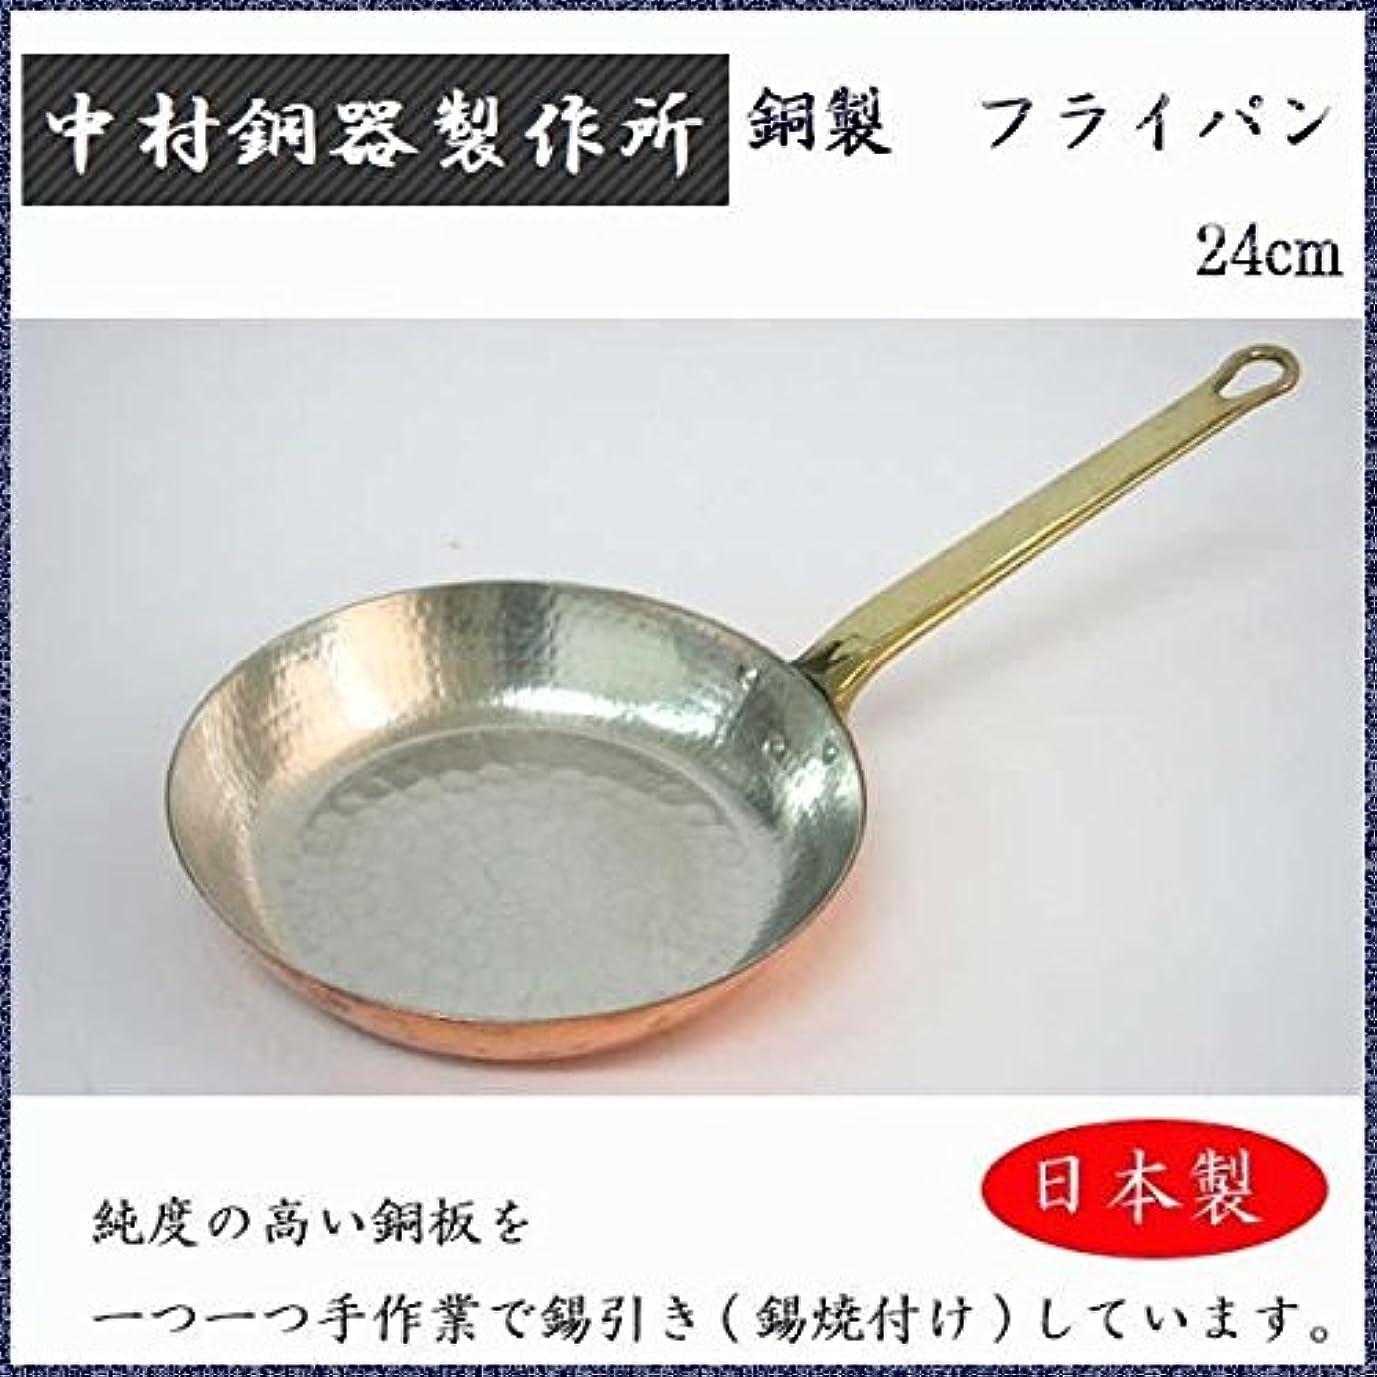 大脳層論争の的中村銅器製作所 銅製 フライパン 24cm